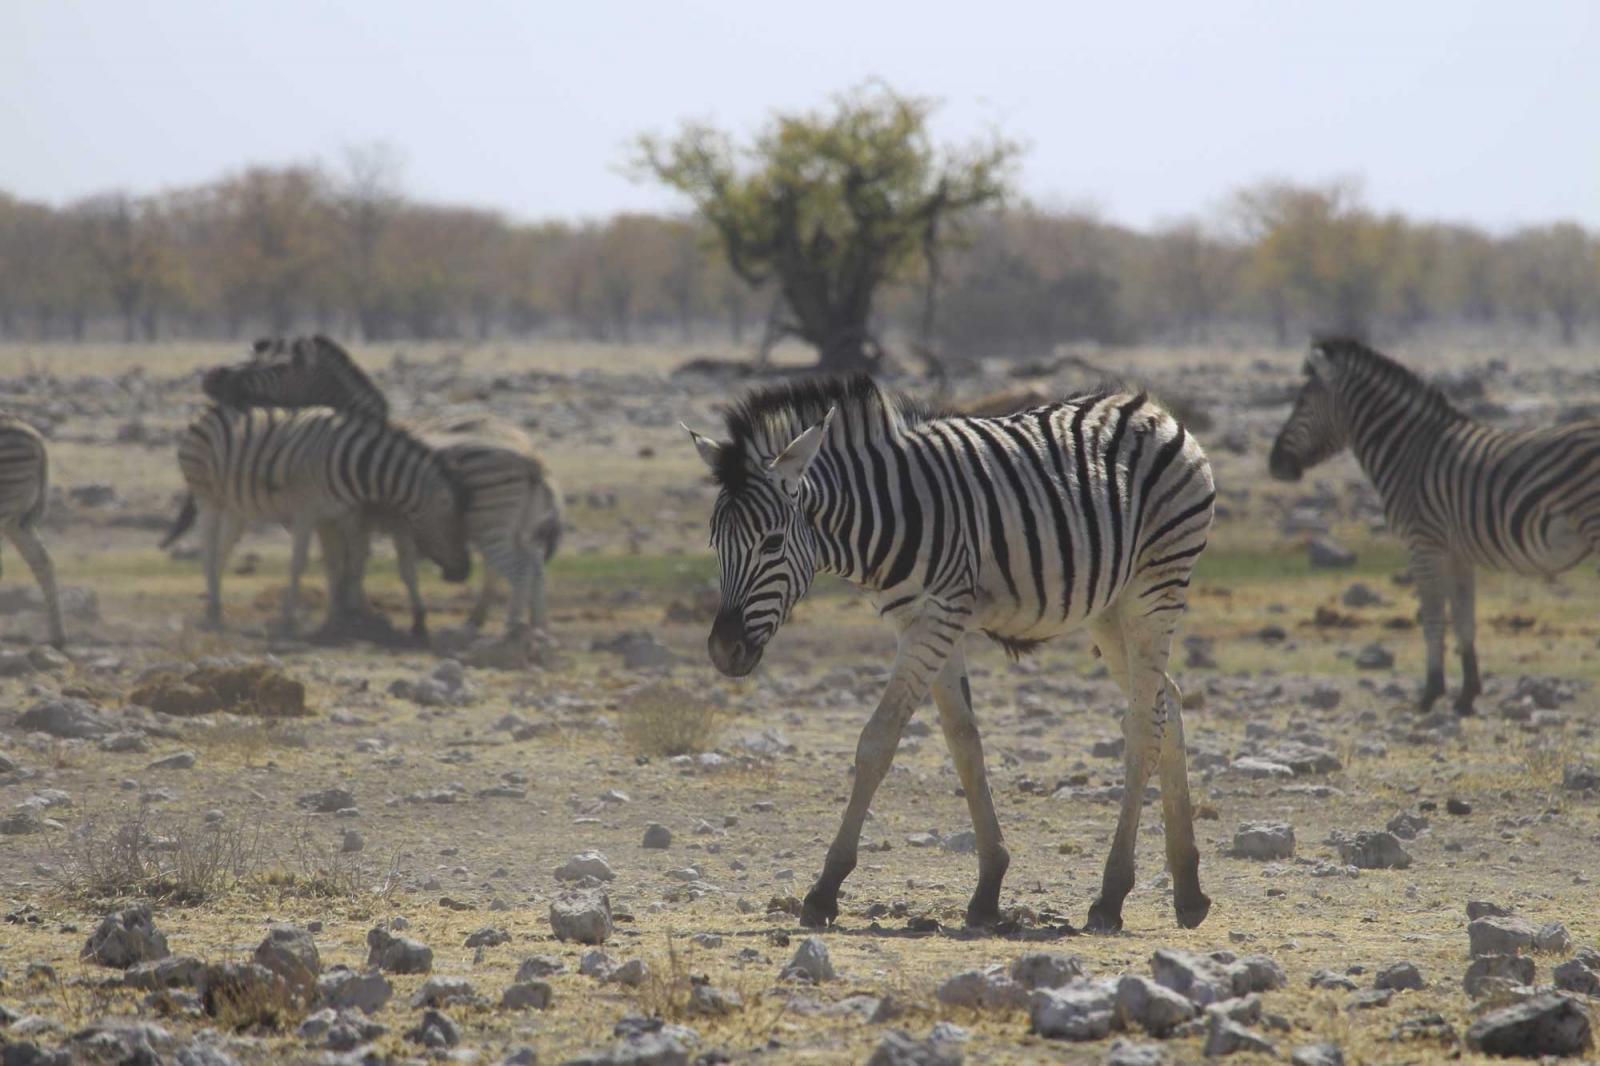 In der Trockenheit haben selbst Zebras zu kämpfen, vor allem die jungen.